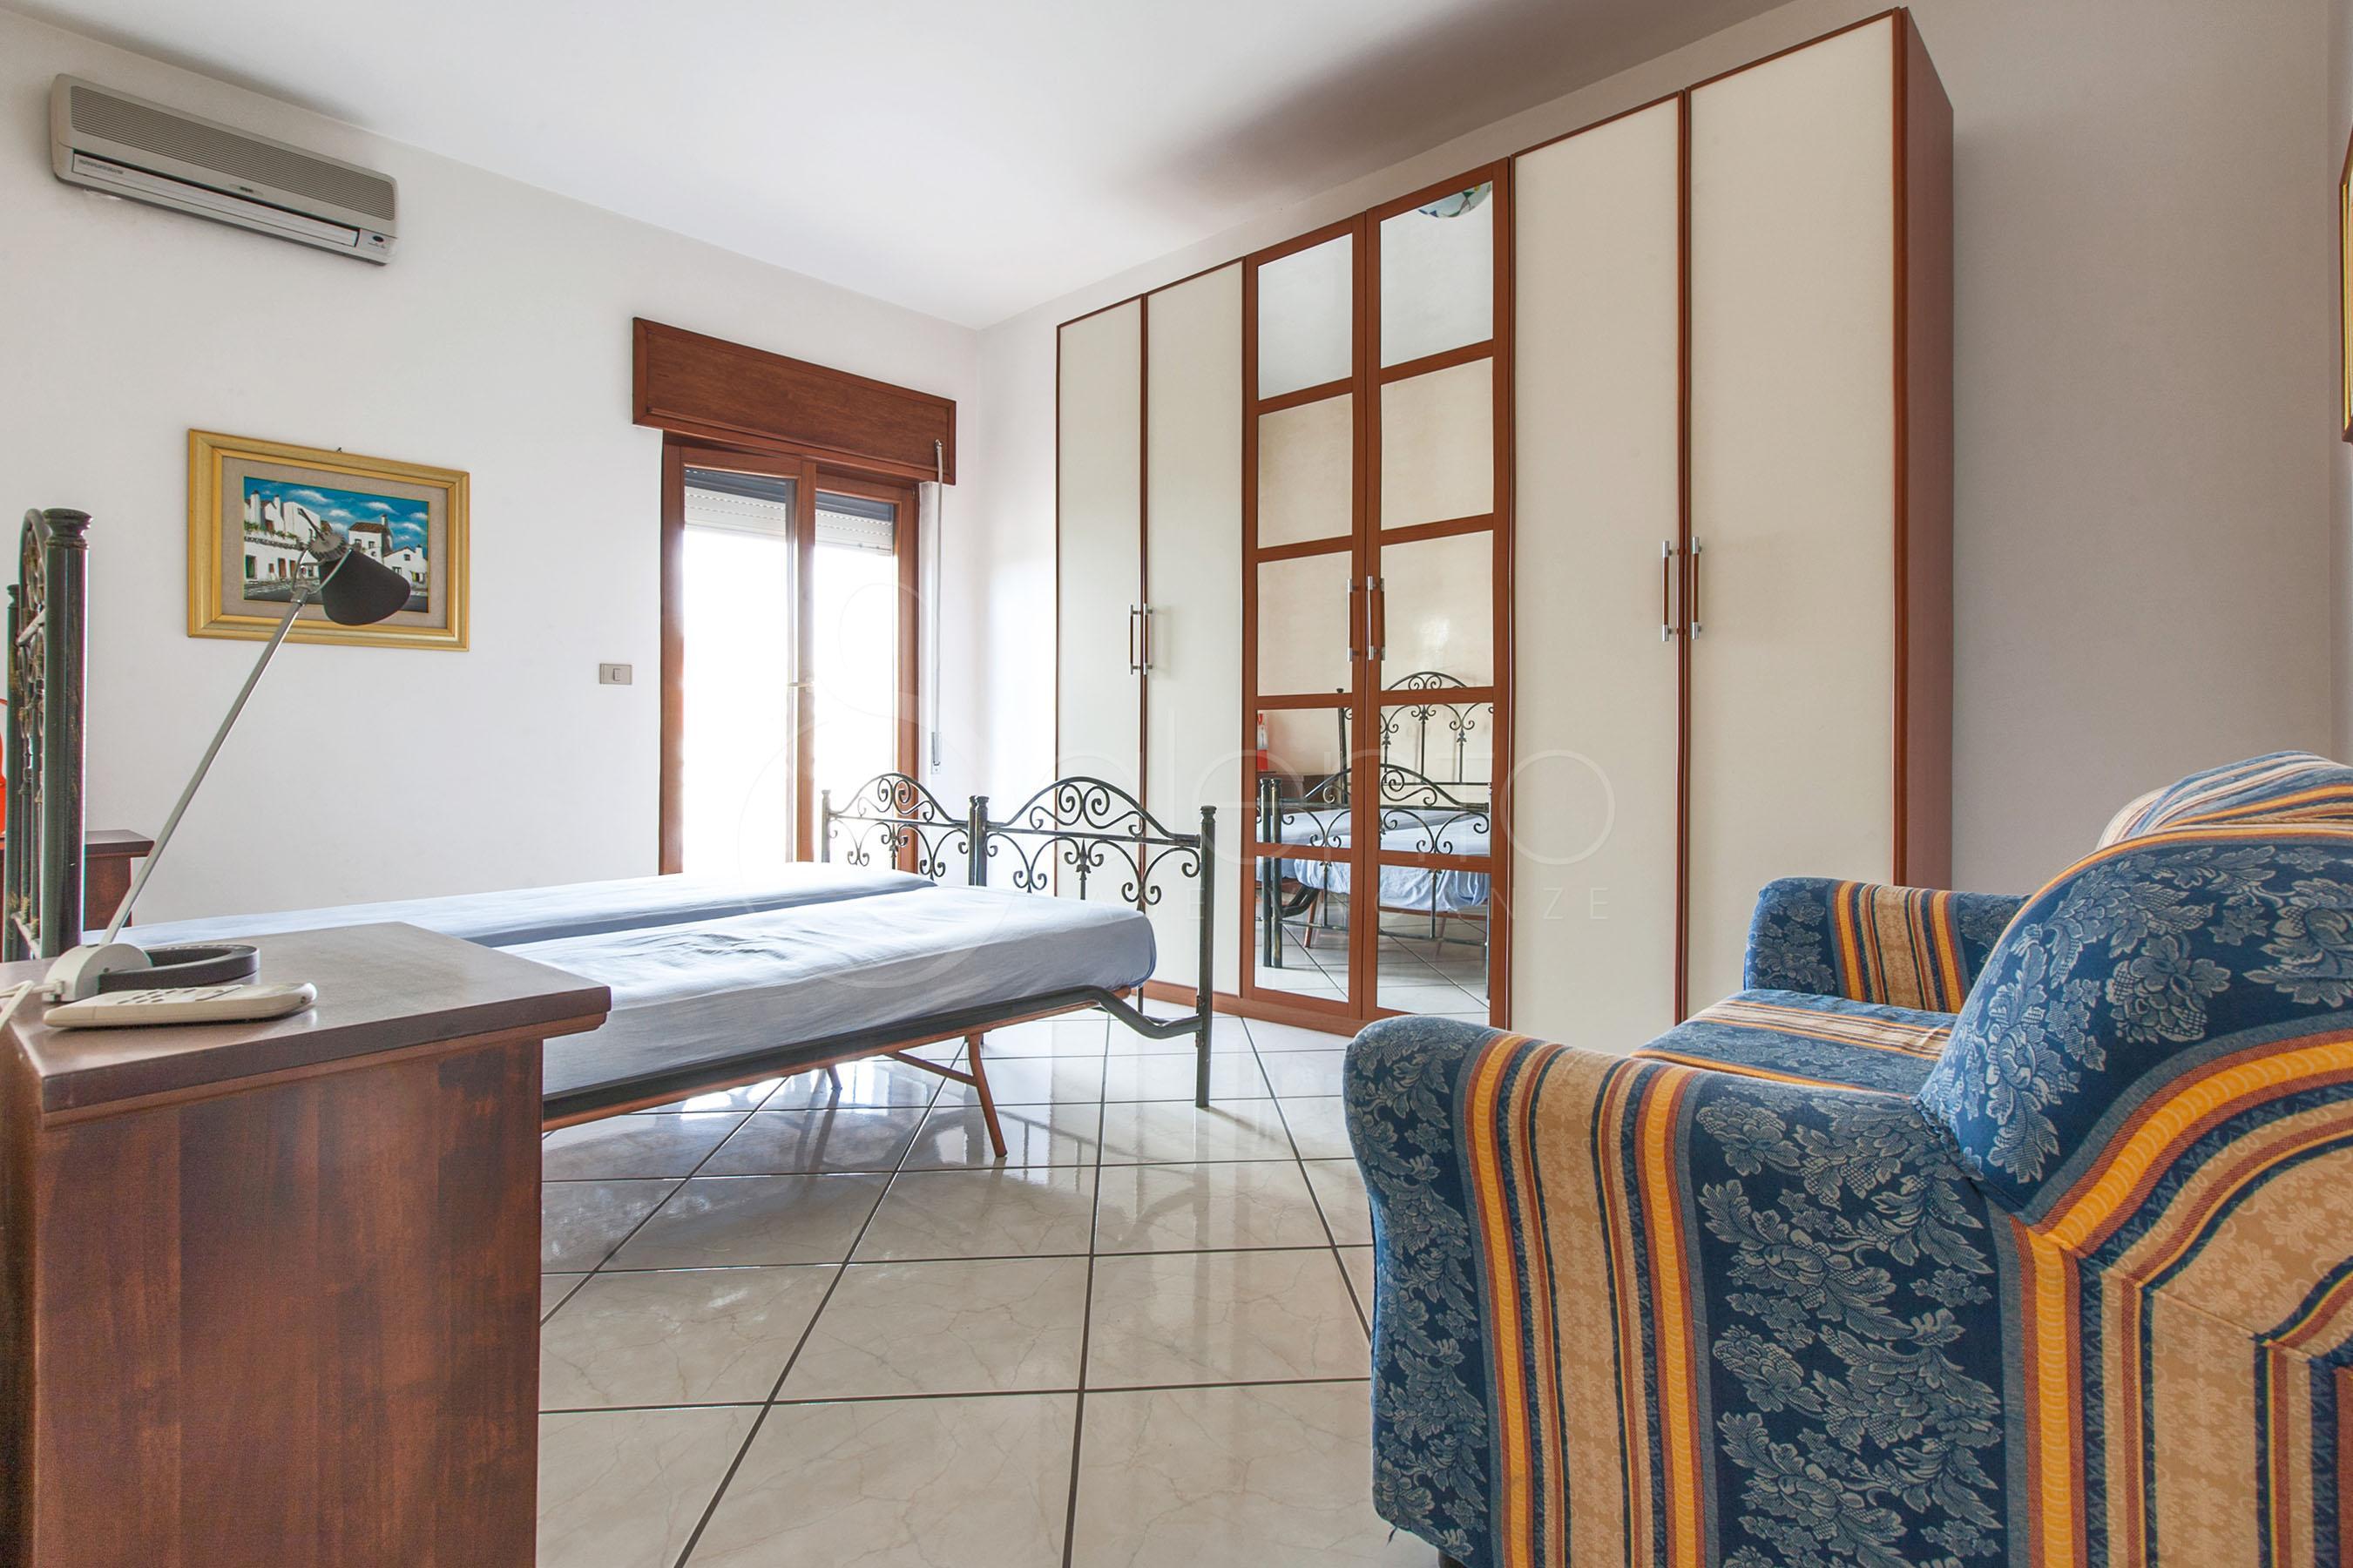 Appartamento in affitto per vacanze a gallipoli - Finestra sul mare gallipoli ...